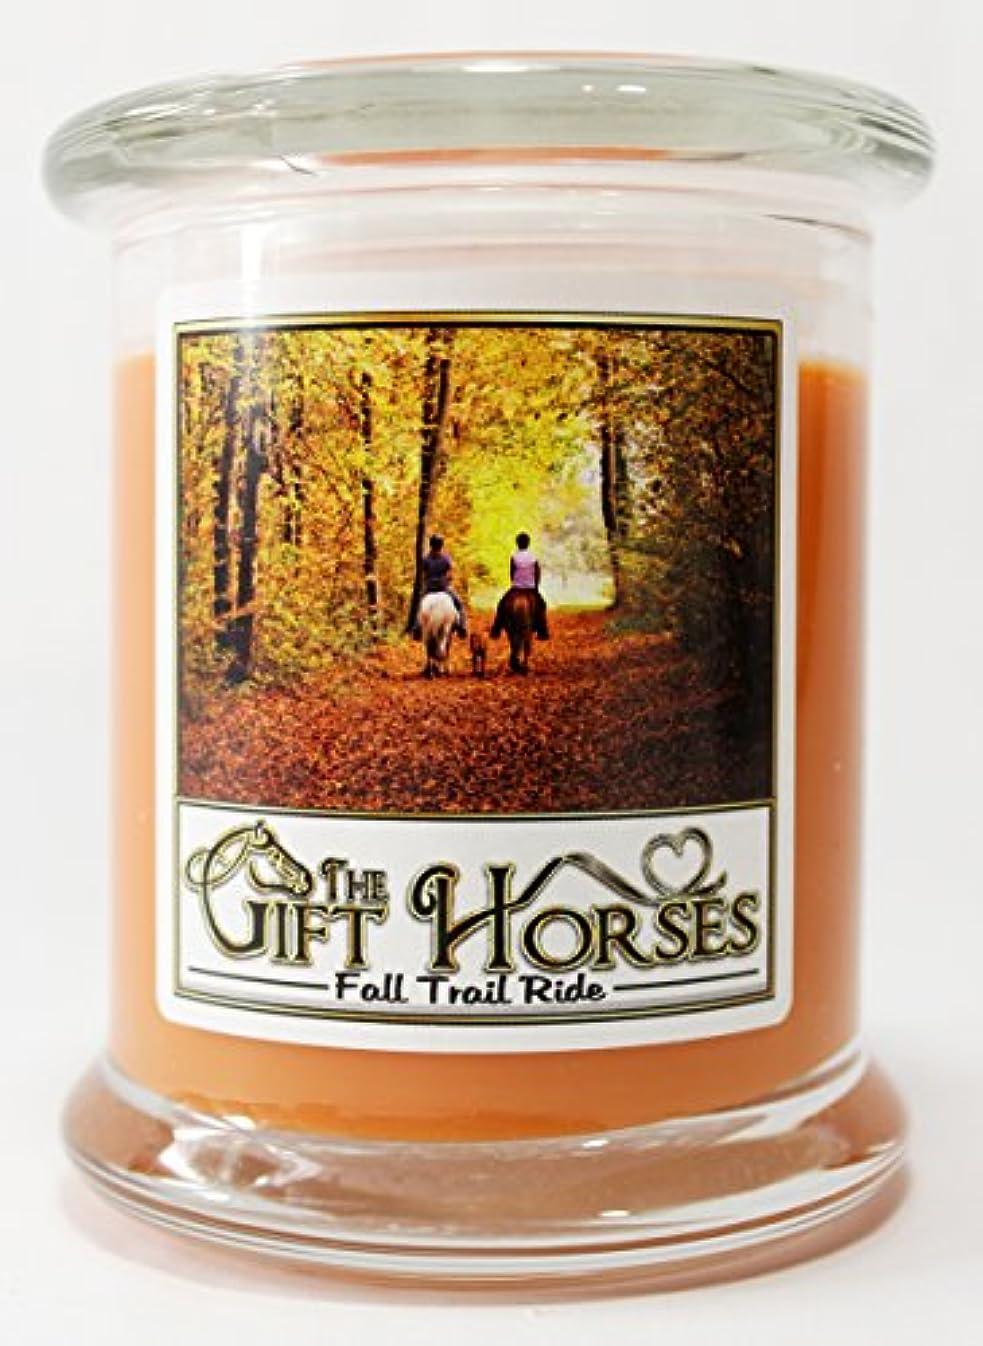 新しさ味わう長老すべての自然大豆ワックスScented Candle – クリーン燃焼、長持ち、パラフィンフリー( 12オンス、Fall Trail Ride )